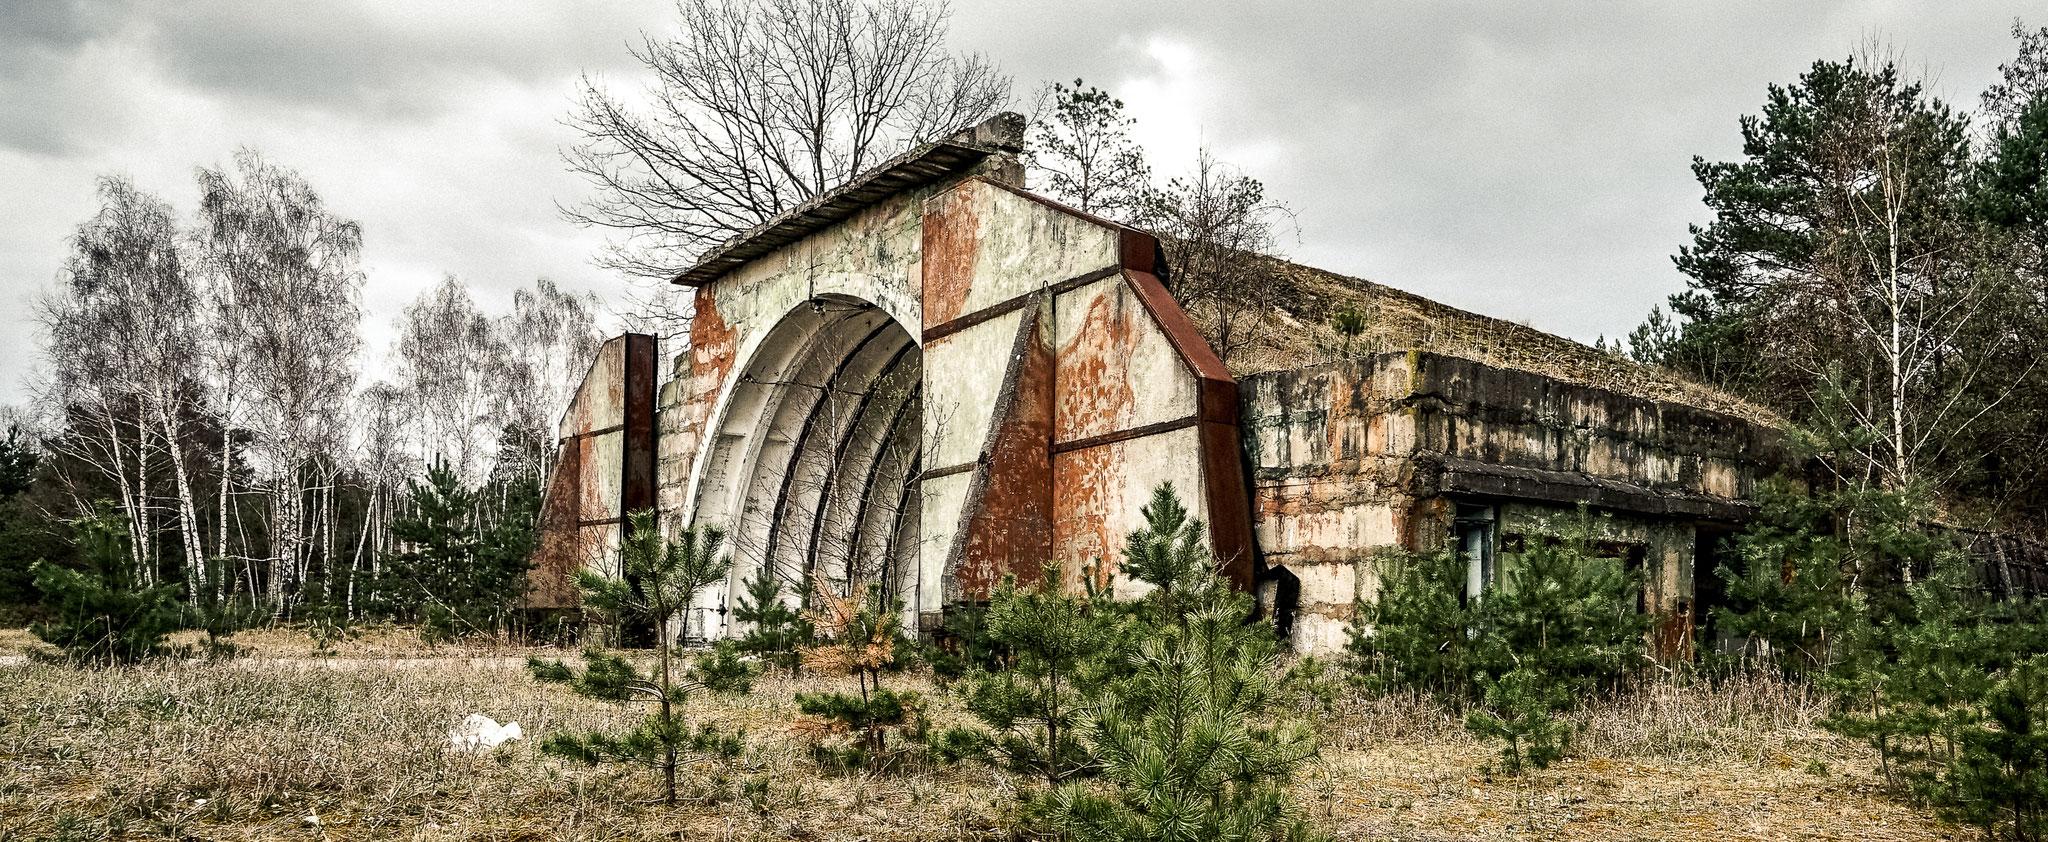 Der Luftwaffenstützpunkt mit dem Bunker